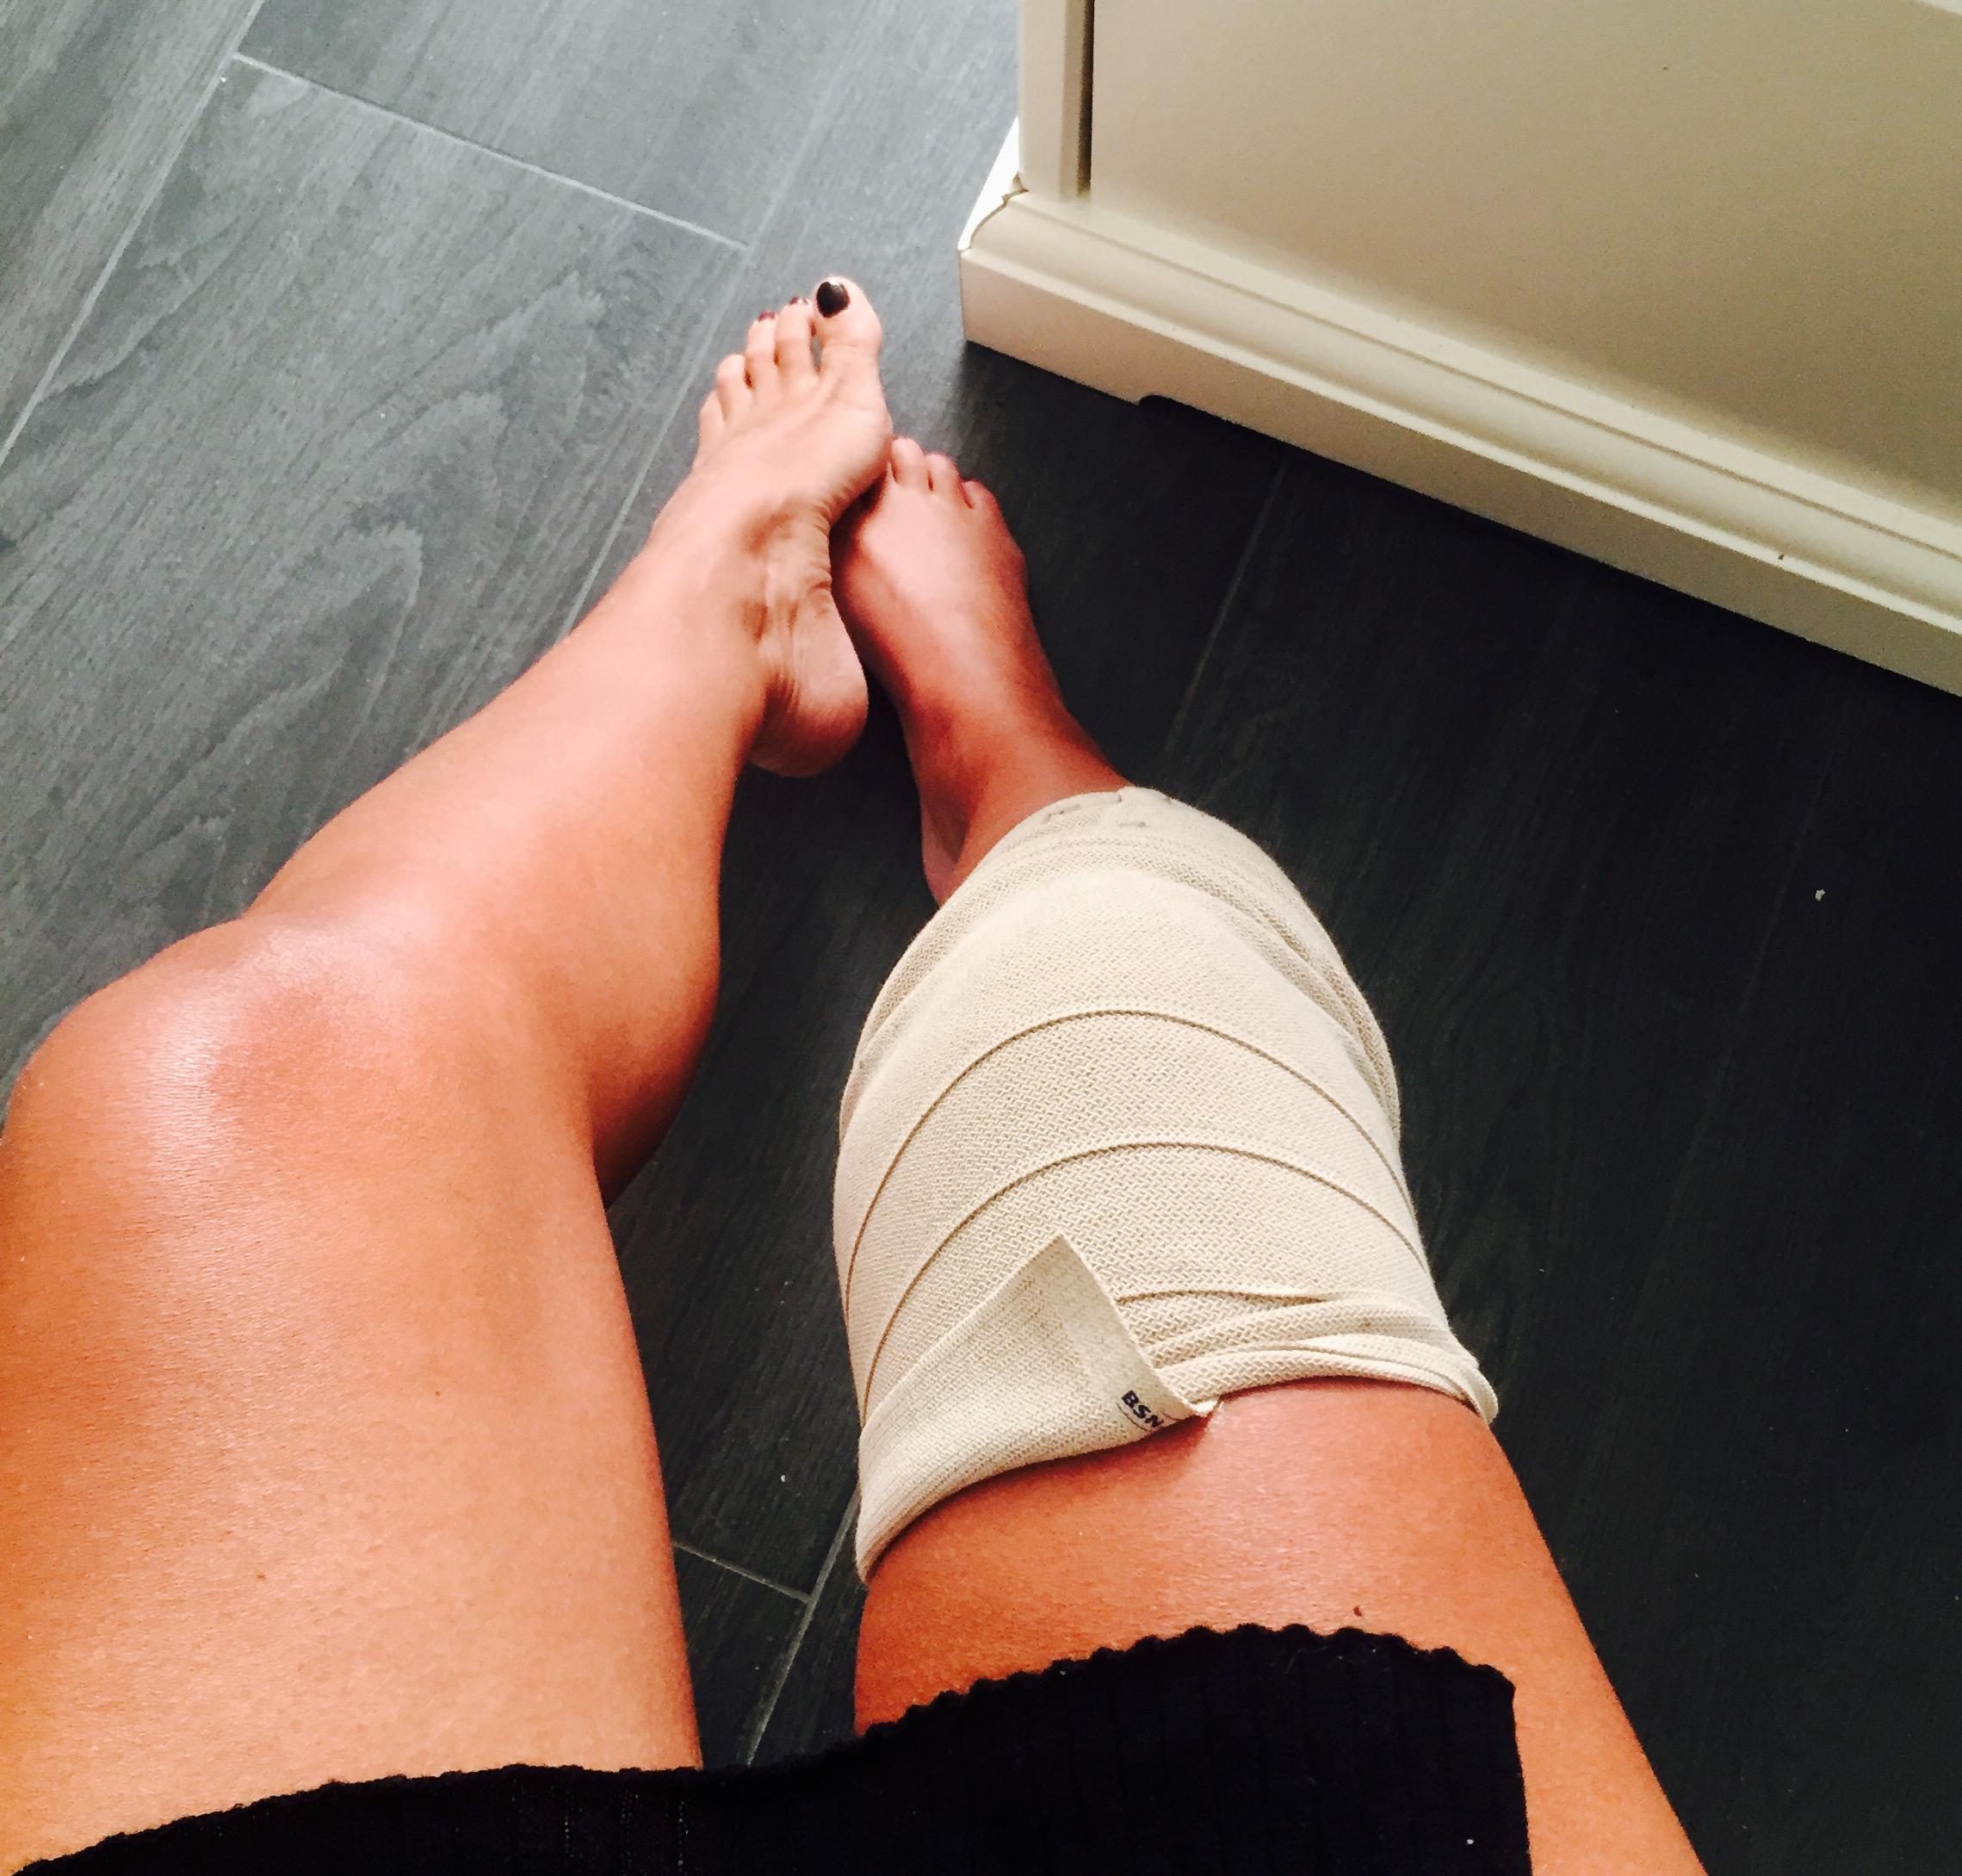 Jeg kan ikke trø ned på mitt høyre ben, så jeg suser mellom soverom og bad på en kontorsykkel med hjul. Høyre kne er blitt bandasjert.